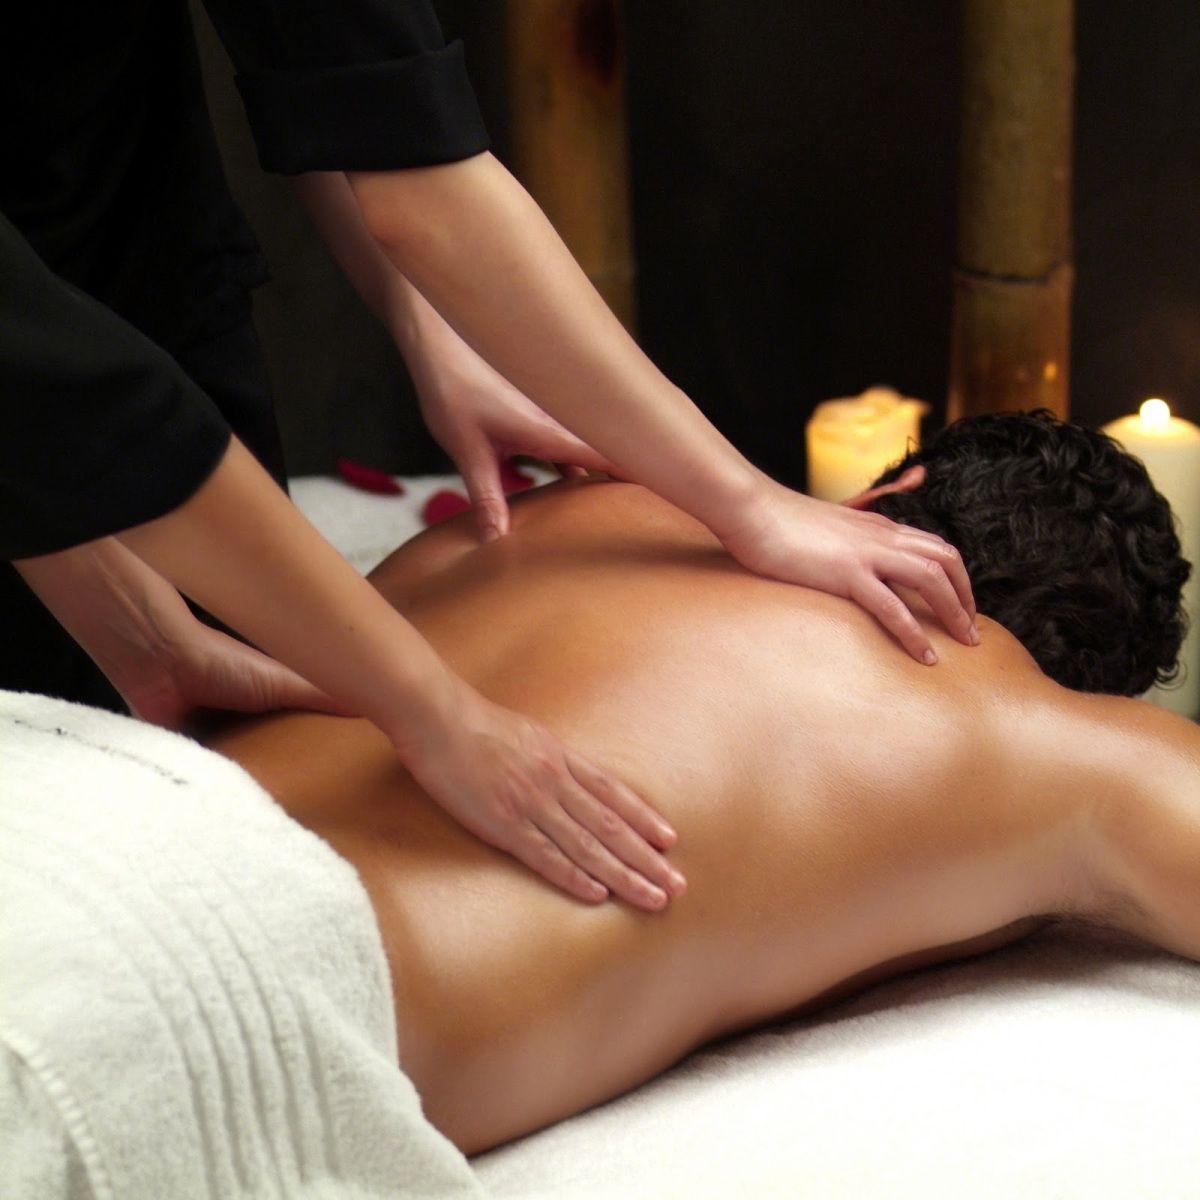 Sopron erotische massage Erfrischende